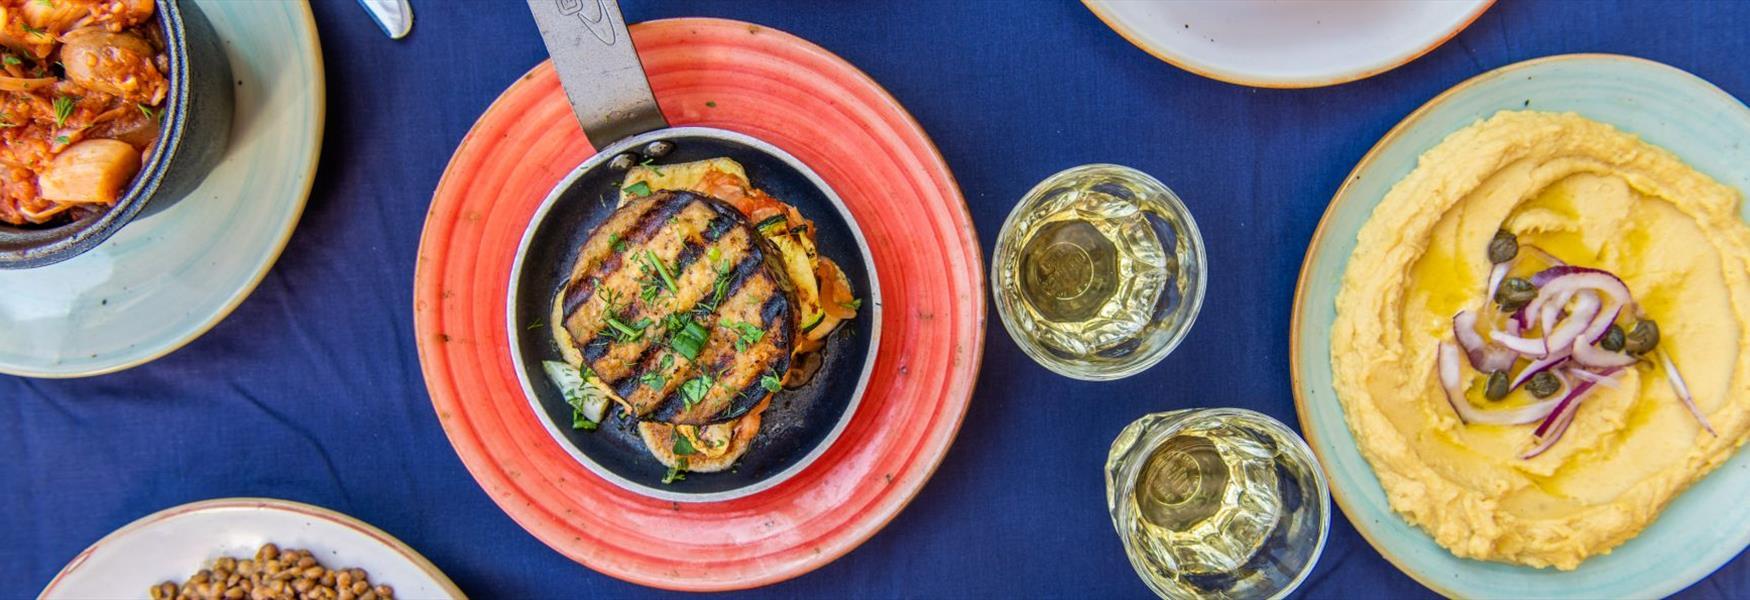 Vegan delights at The Real Greek, Windsor